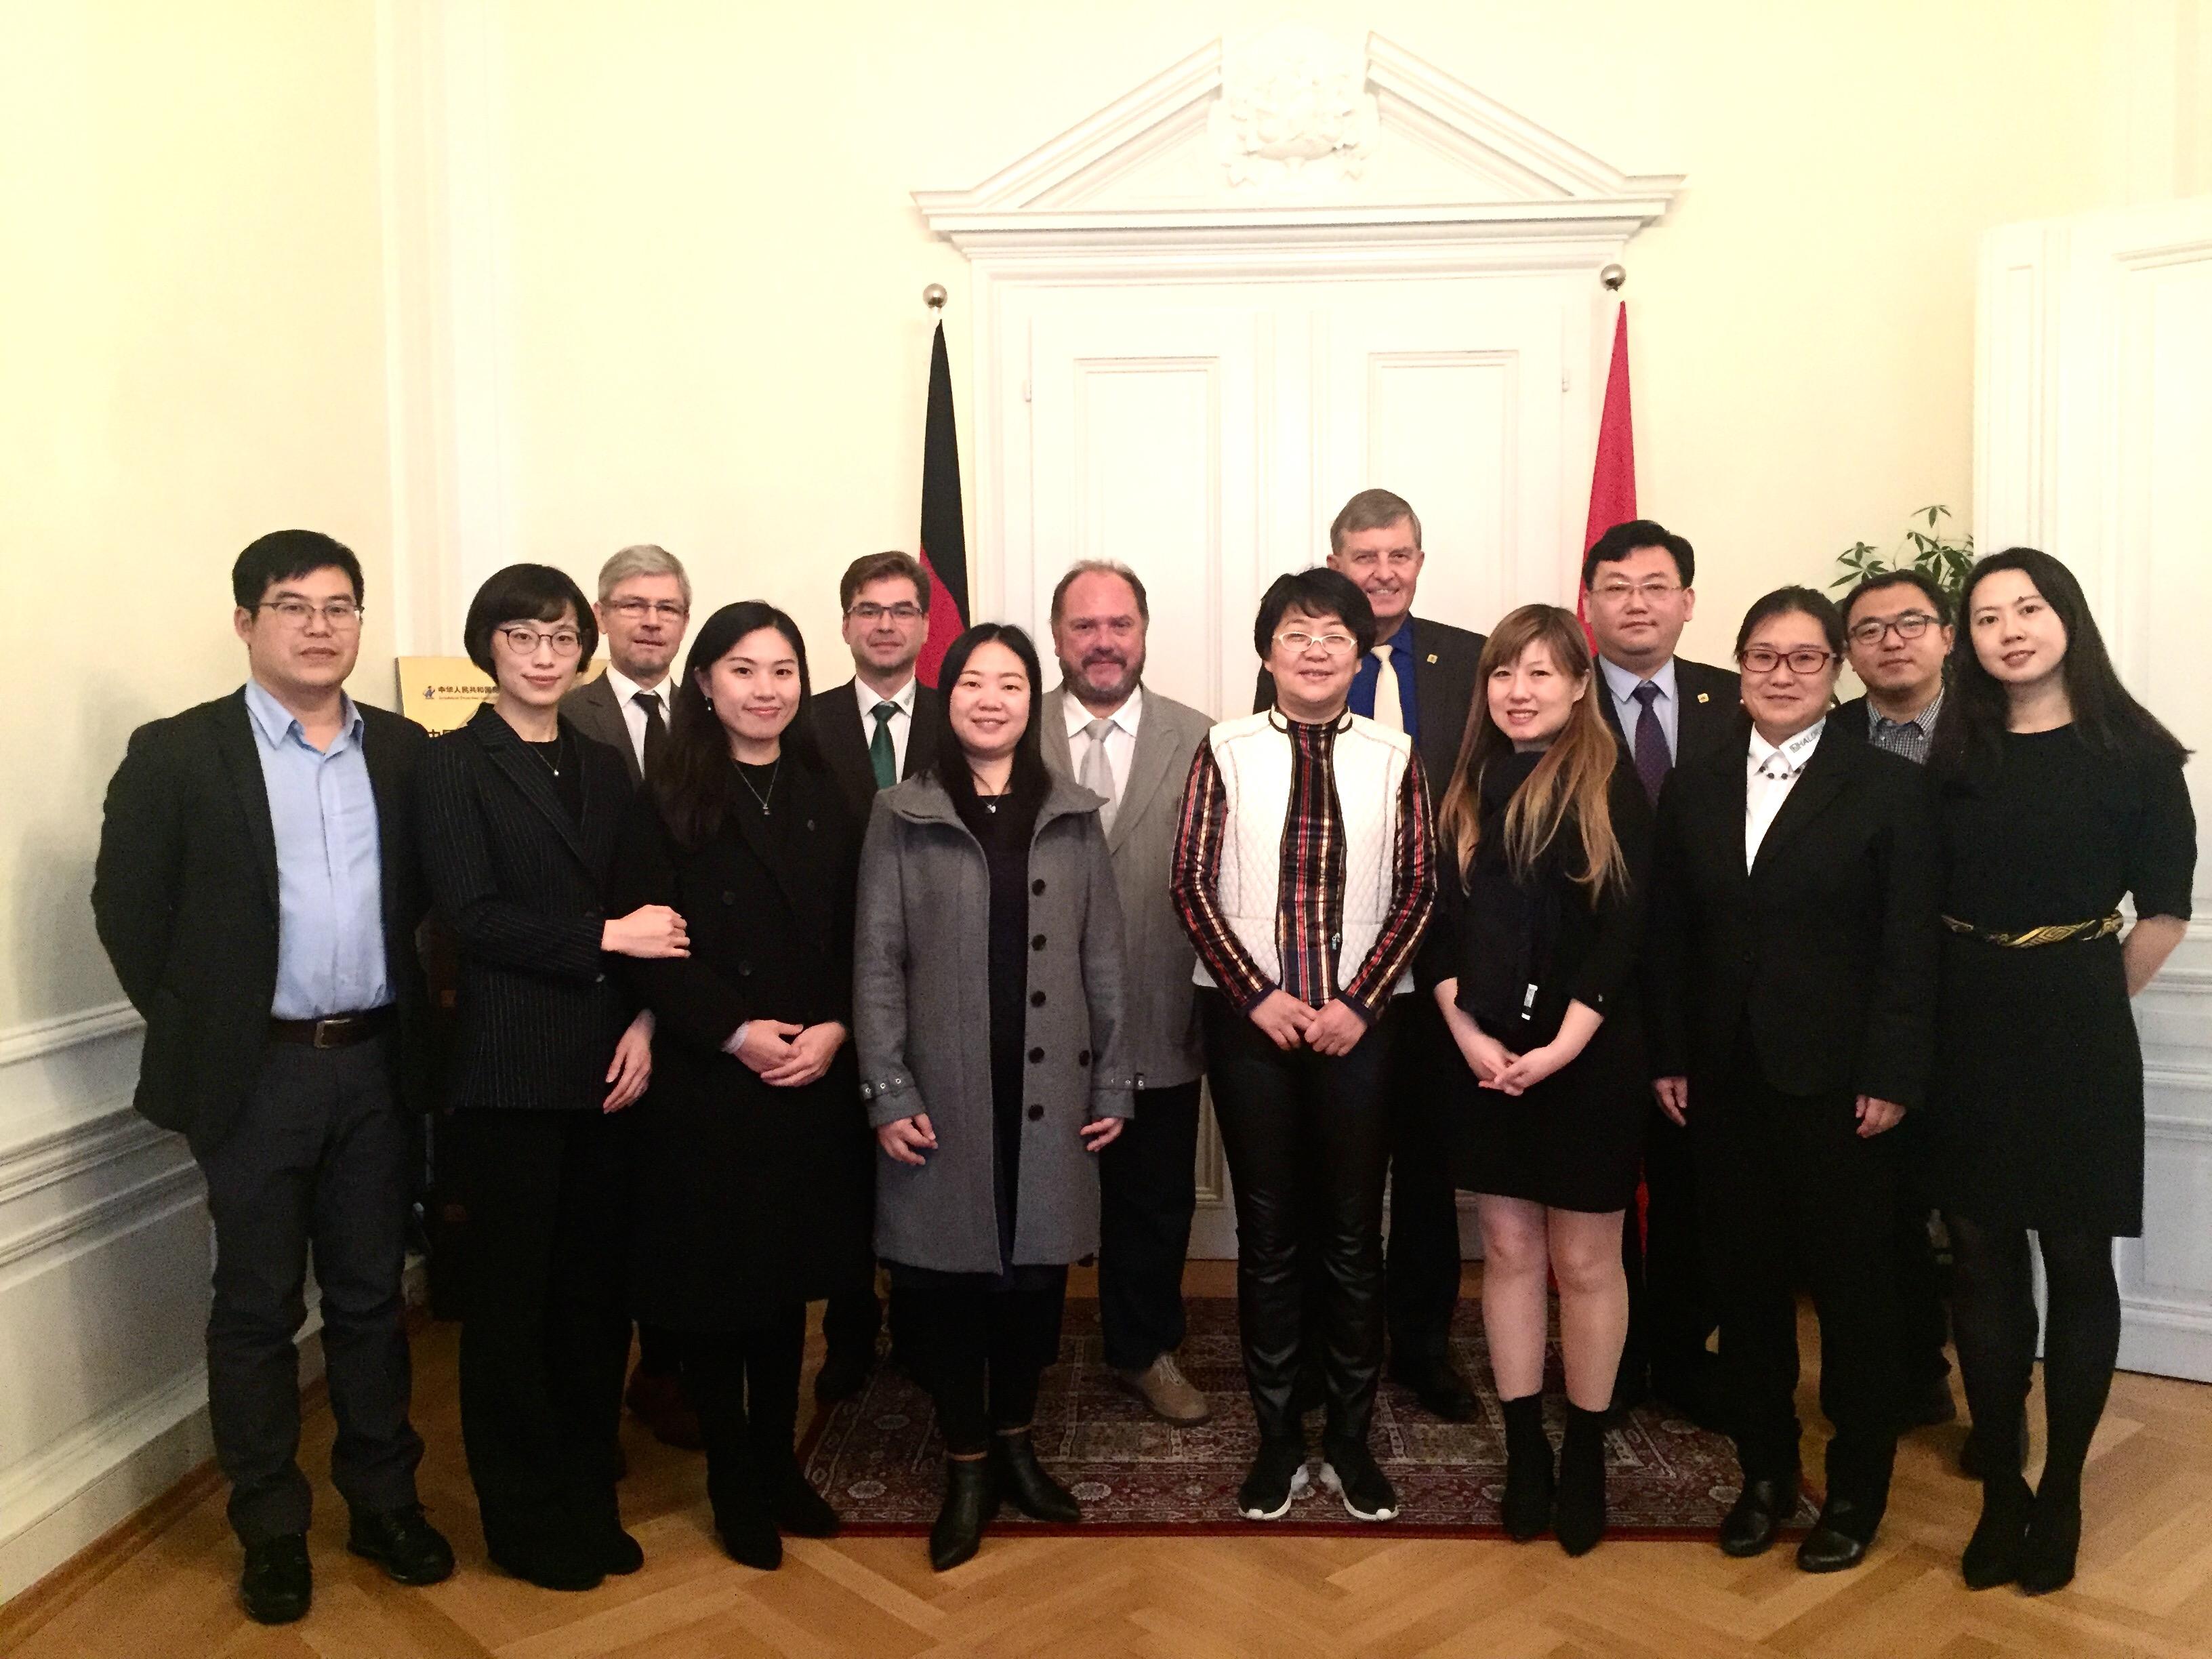 Chinesische Besucher und deutsche Referenten, 2.v.r. XIE Songtao, 4. v.r. Vize-Dir. SONG Lei.